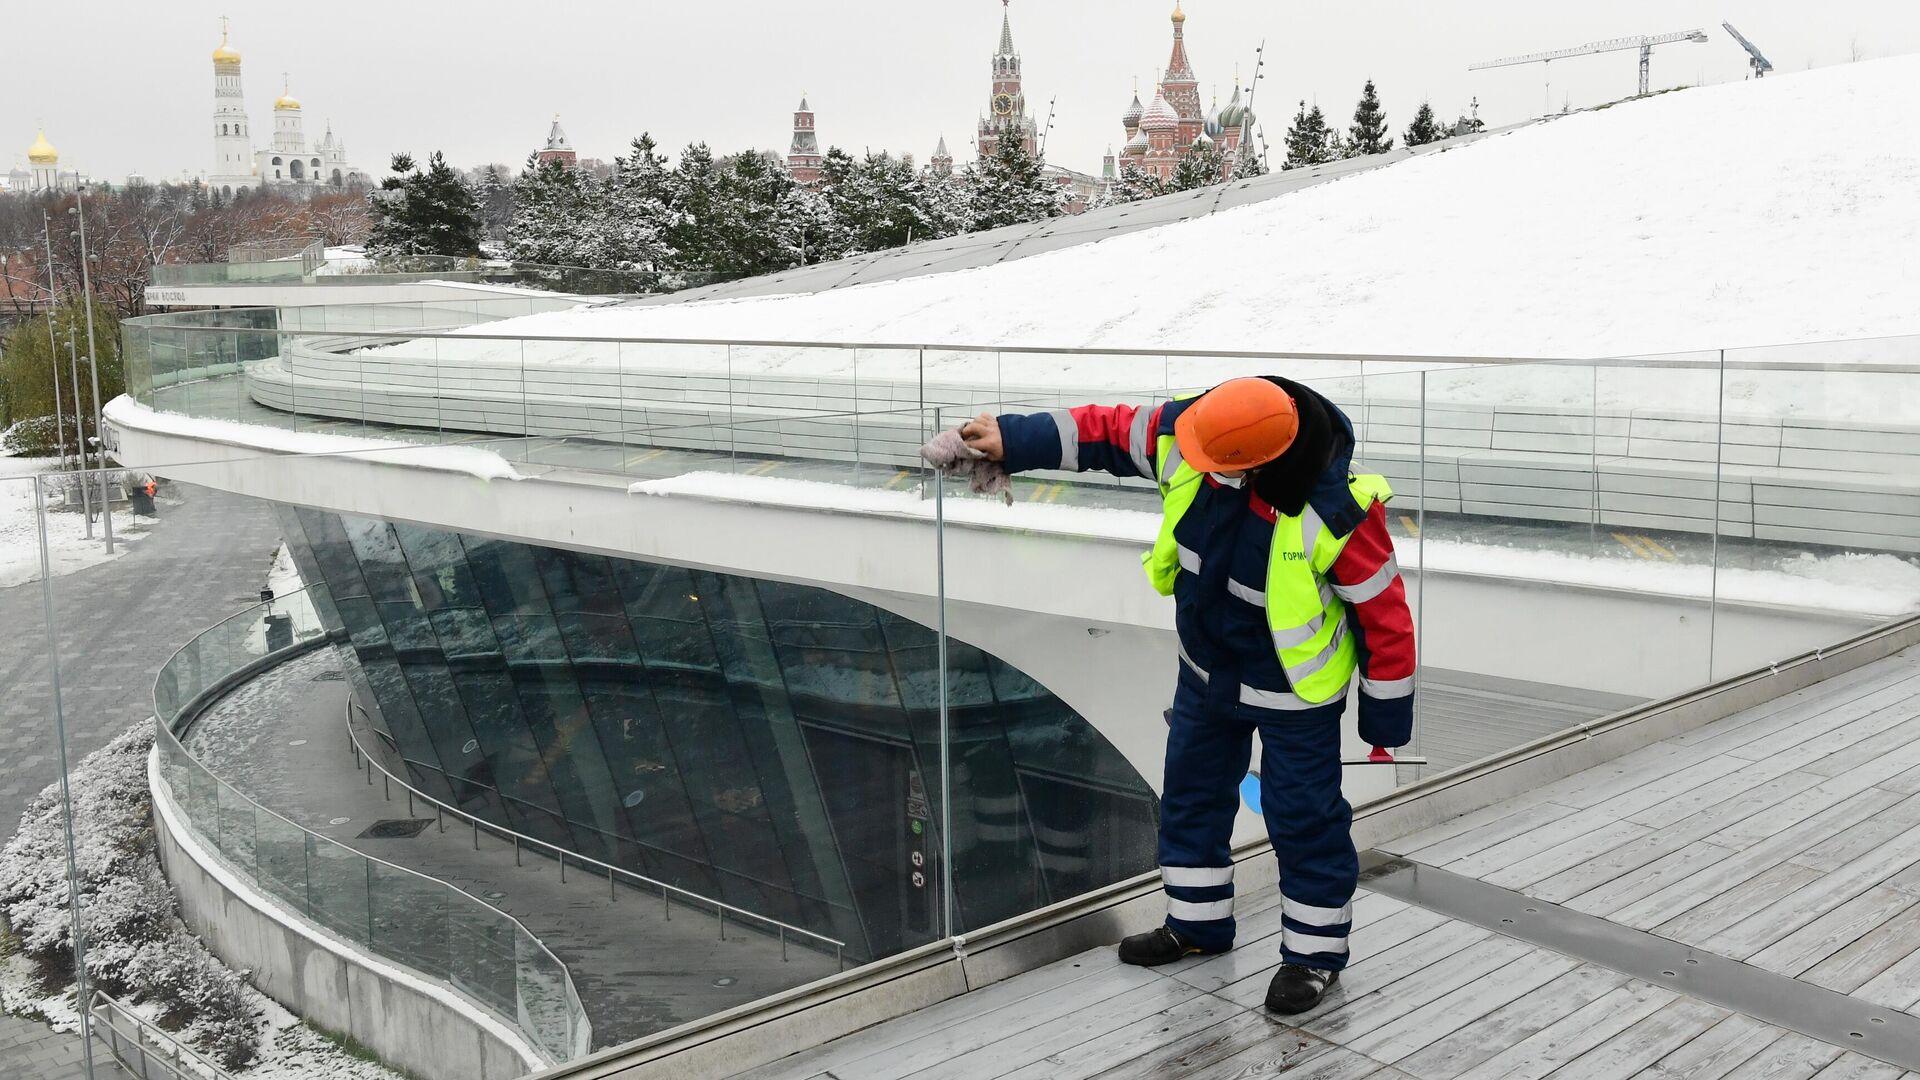 Сотрудник коммунальных служб во время уборки снега в парке Зарядье в Москве - РИА Новости, 1920, 25.11.2020